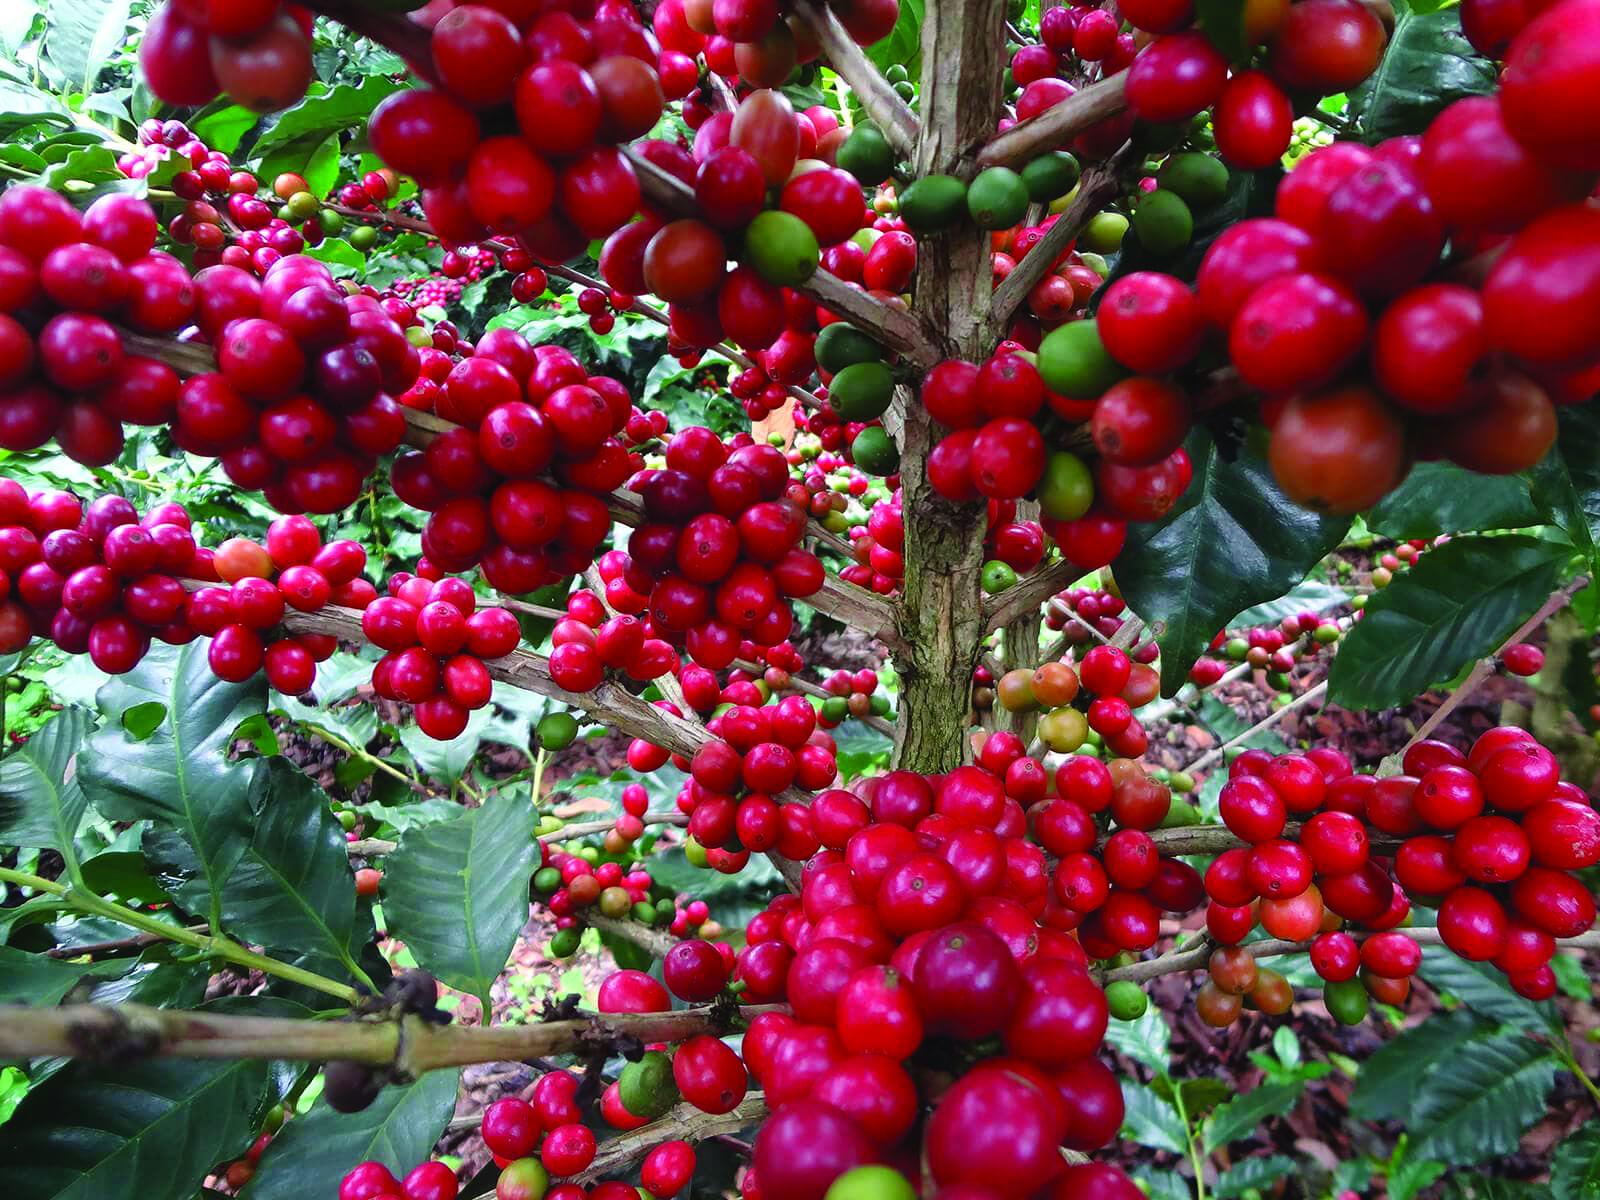 Migliori prodotti italiani: Le Piantagioni del Caffè tra le 100 Eccellenze Italiane per Forbes